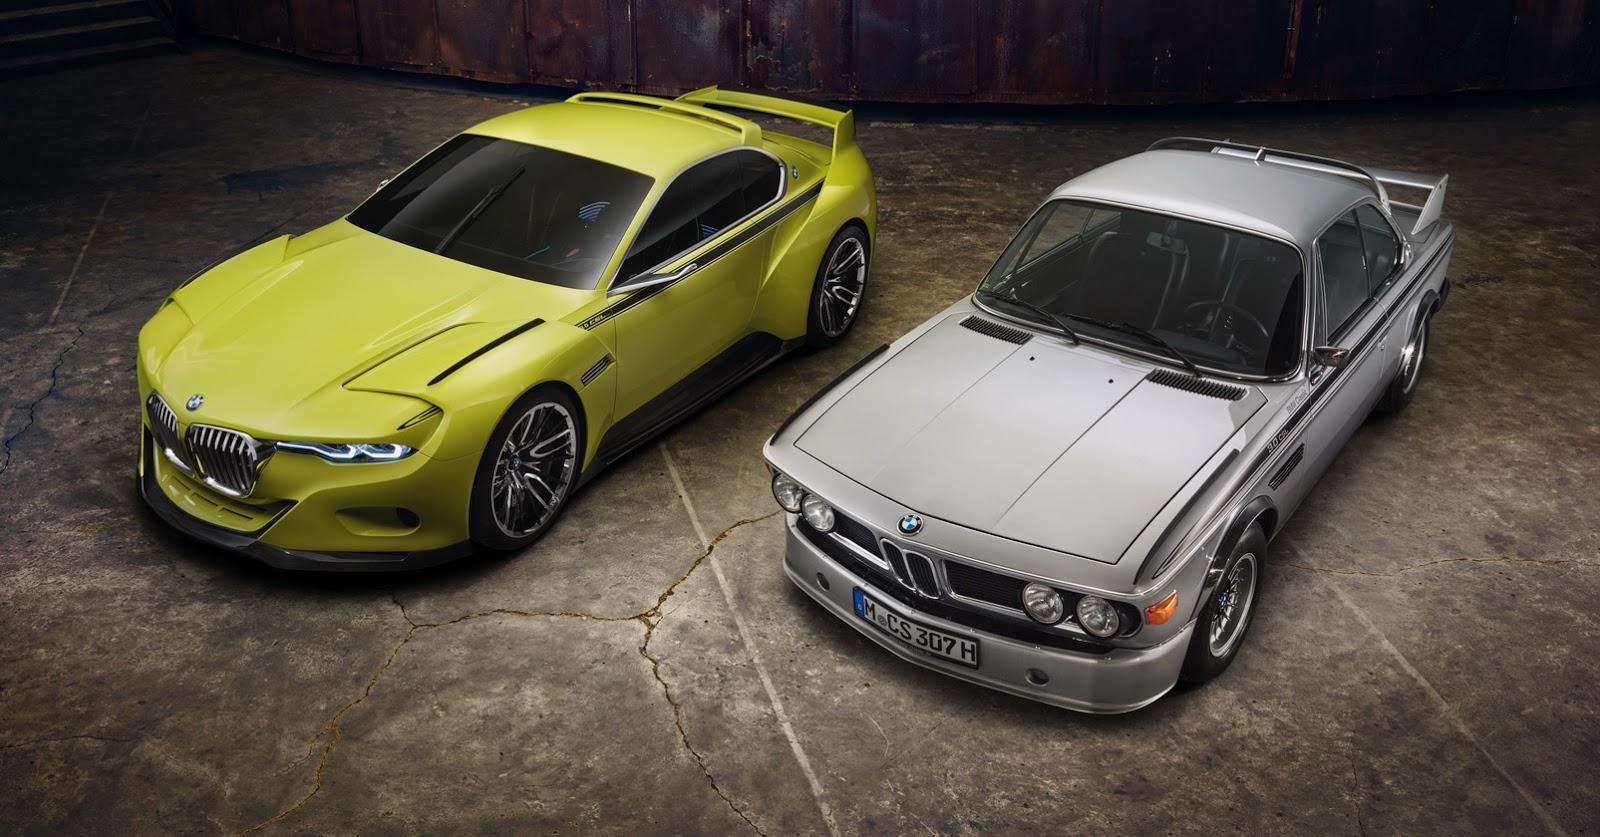 2015 -[BMW] 3.0 CSL Hommage - Page 2 BMW-3-0-CSL-Hommage-28